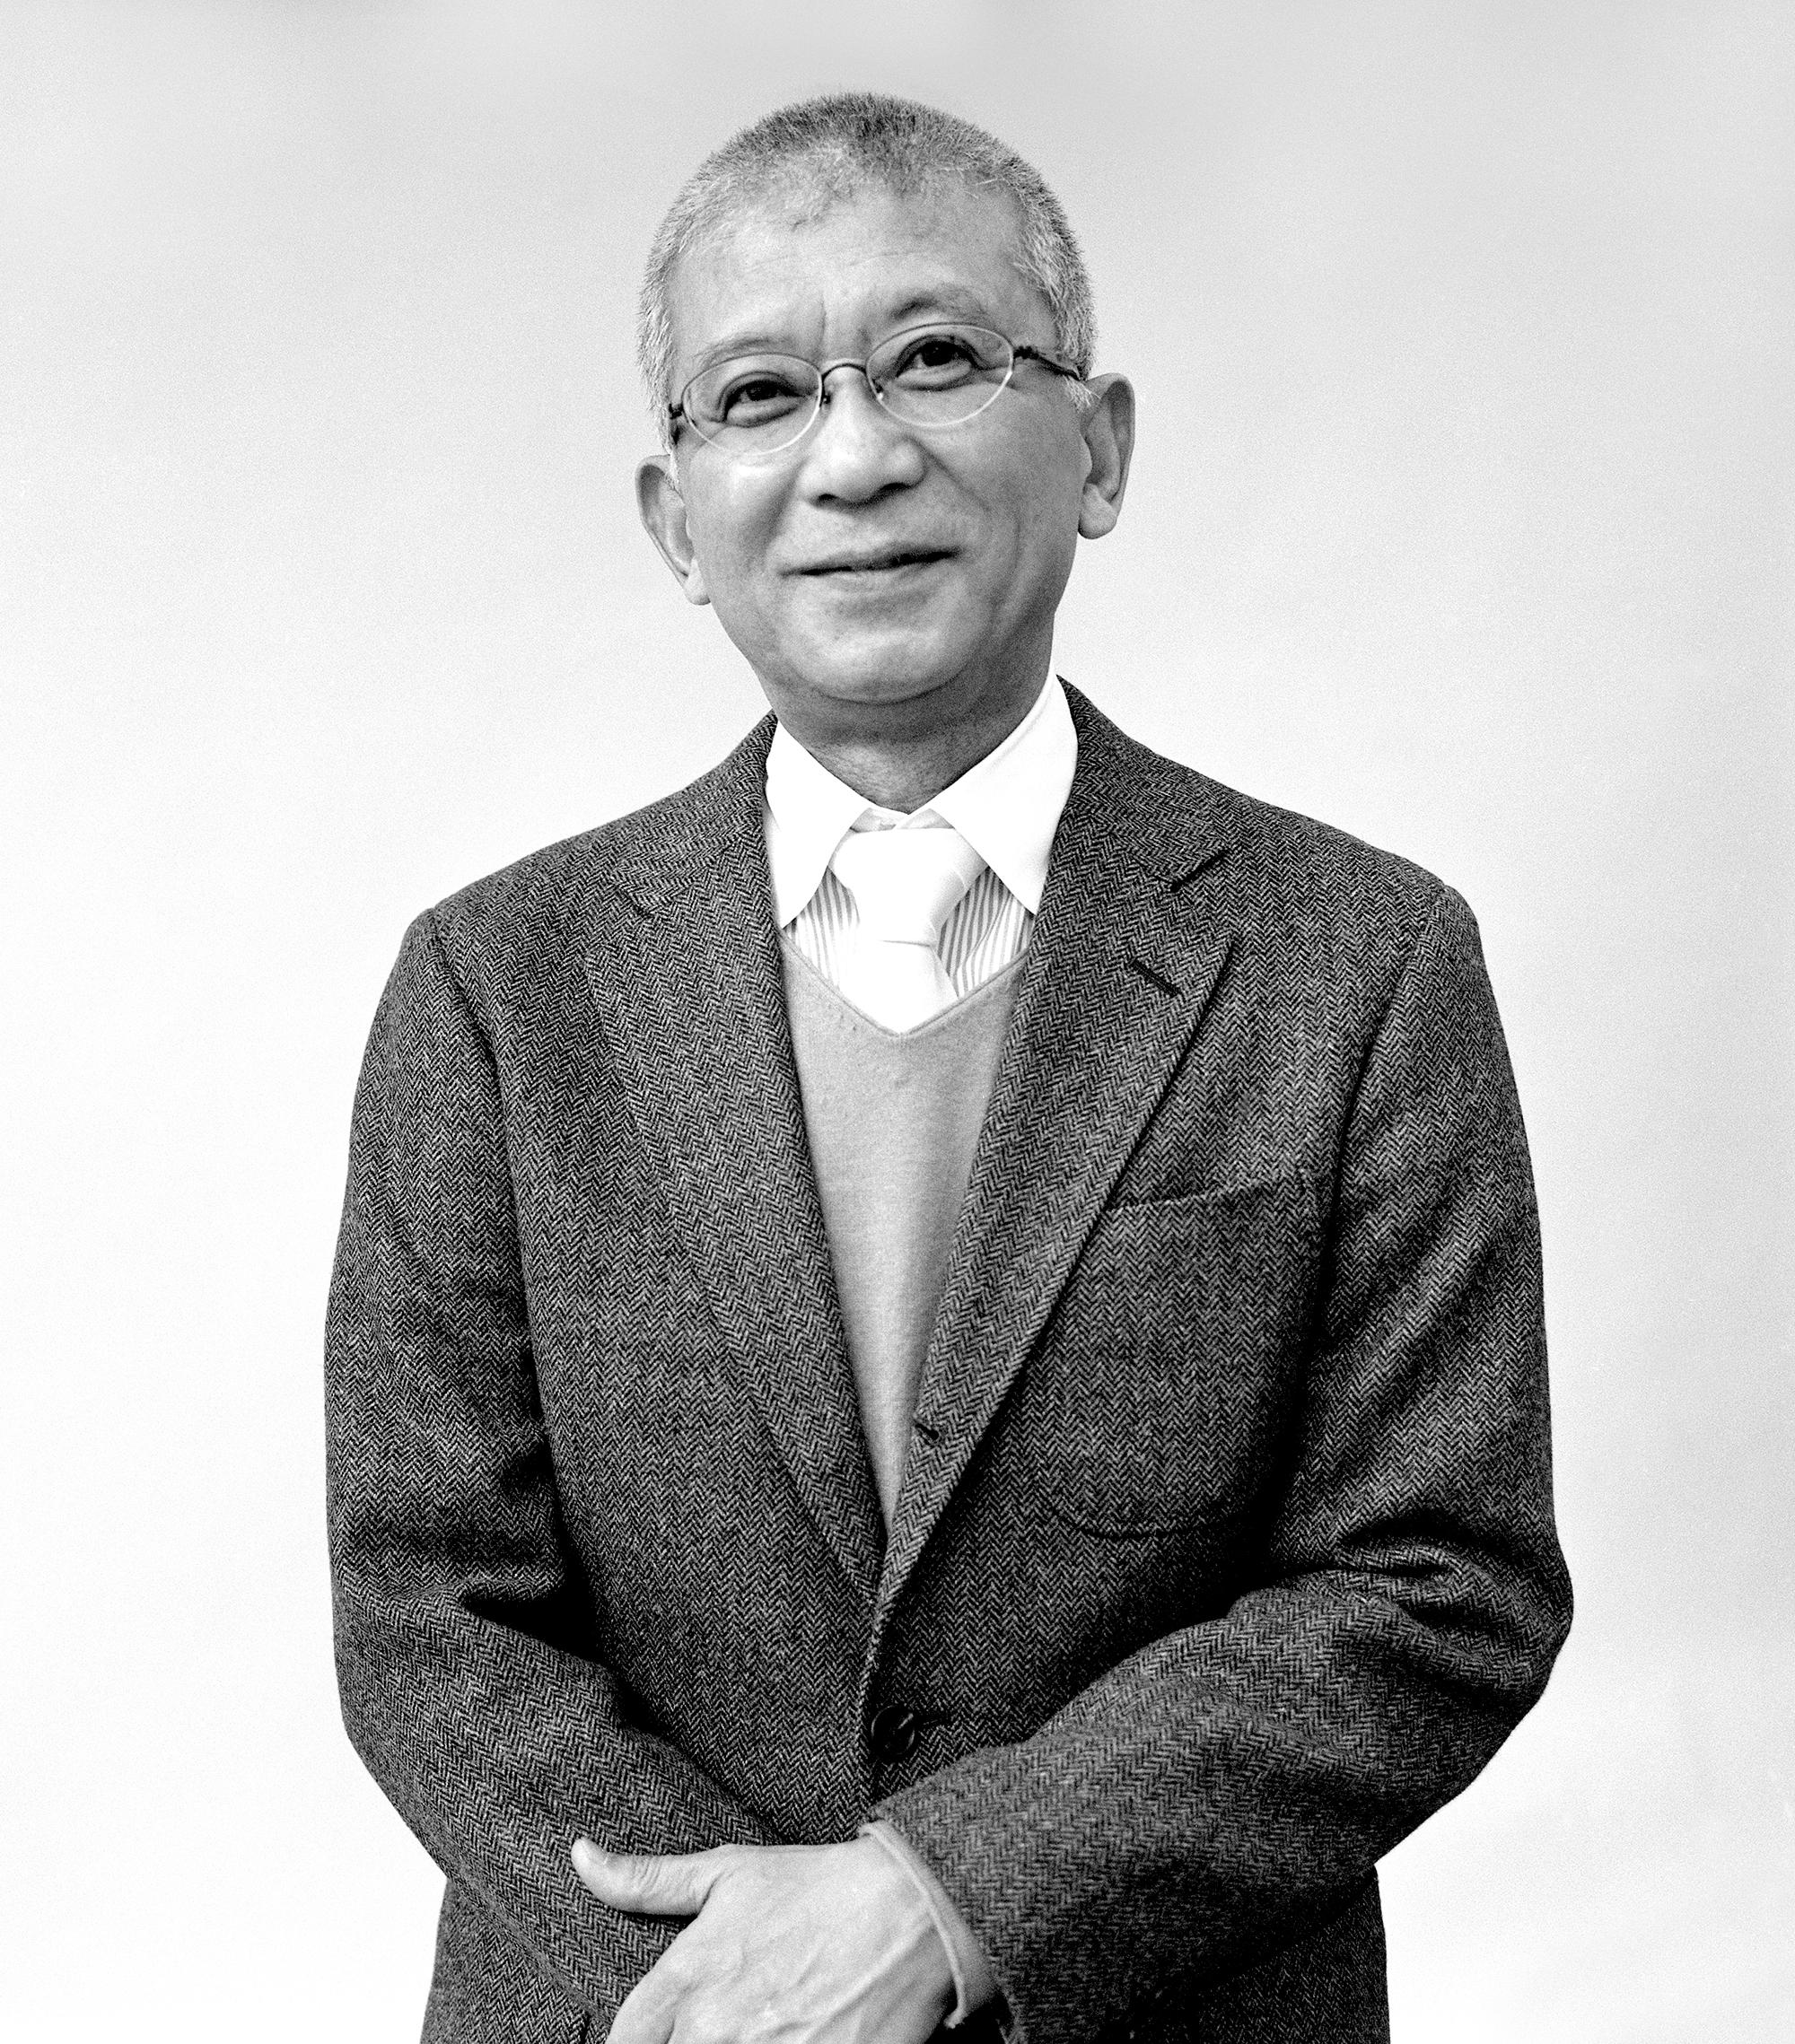 日本の写真史家、金子隆一が73歳で逝去、その多大な功績を辿る | photo by Kazuhiko Washio